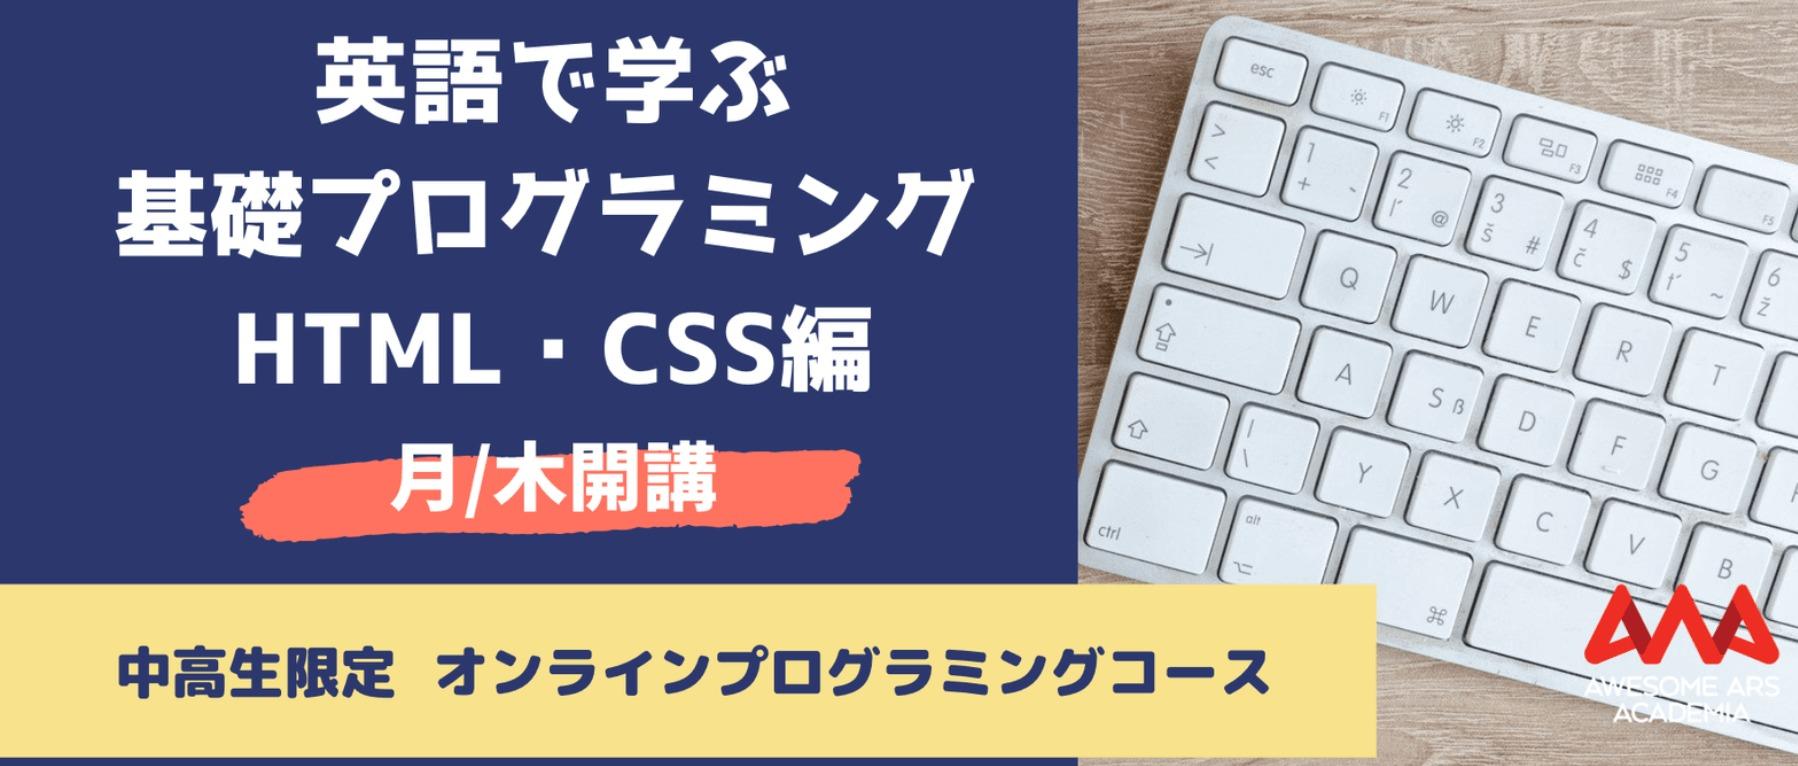 中高生限定オンラインプログラミング講座